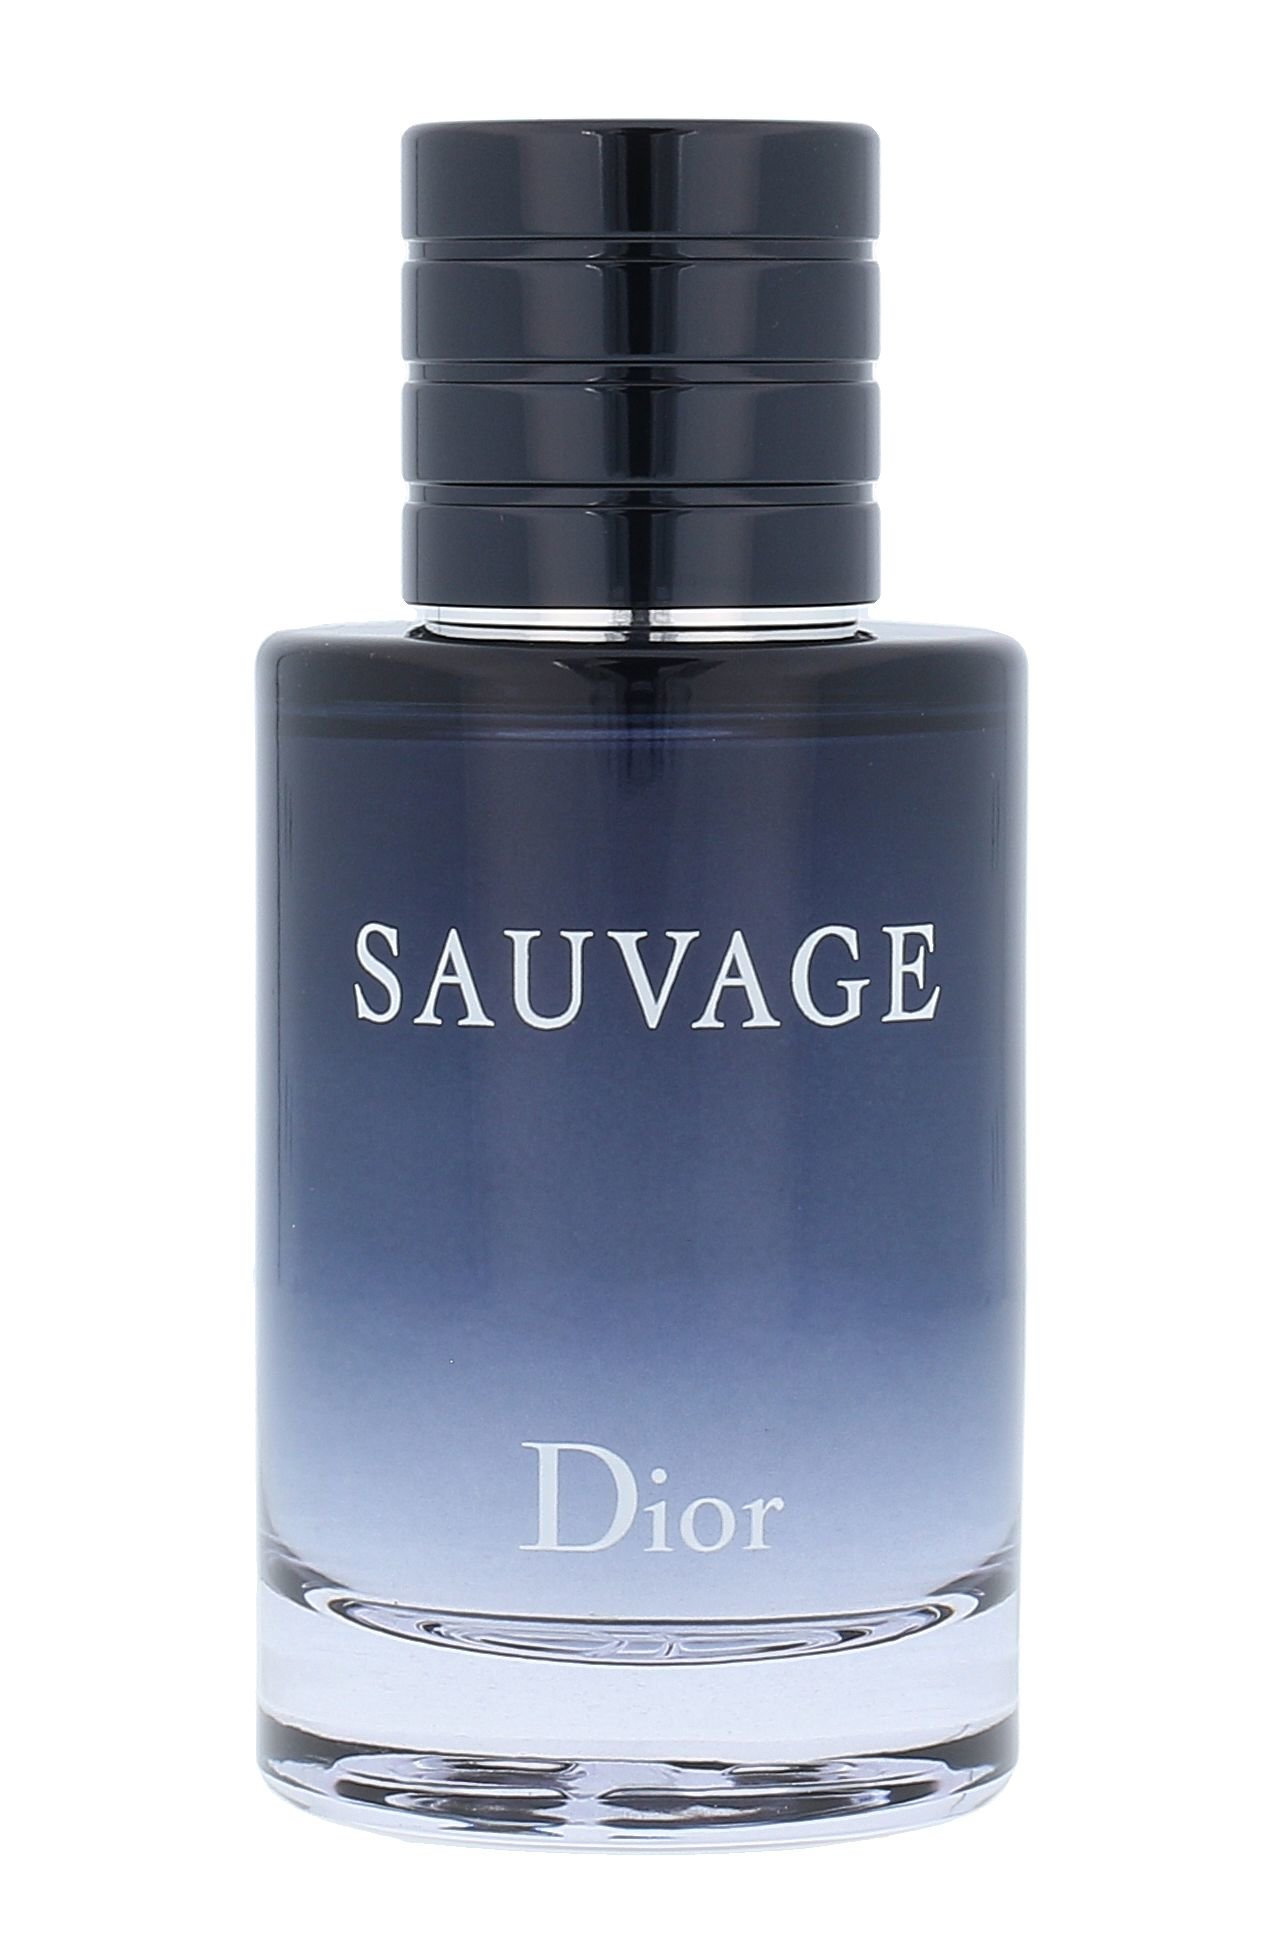 Christian Dior Sauvage Toaletná voda 60ml